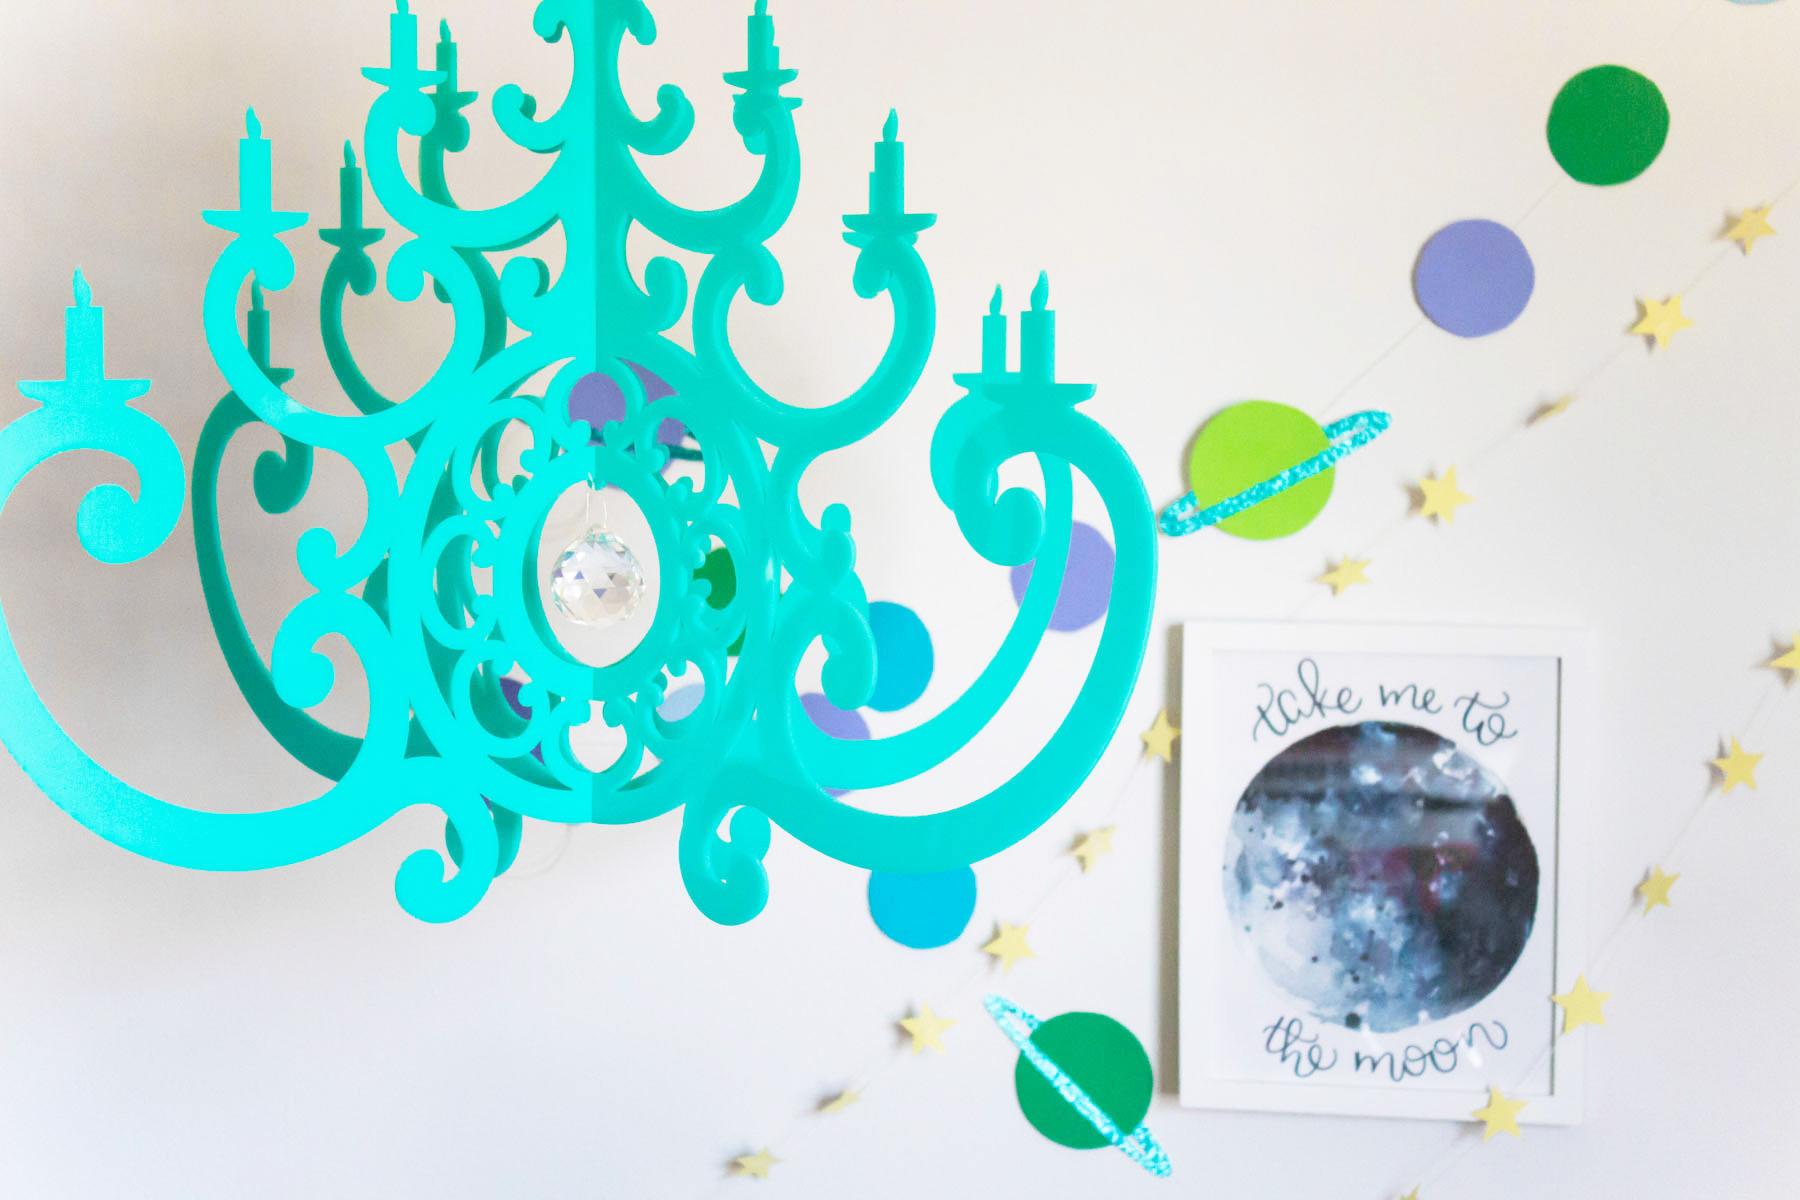 chandeliershoot-5785.jpg